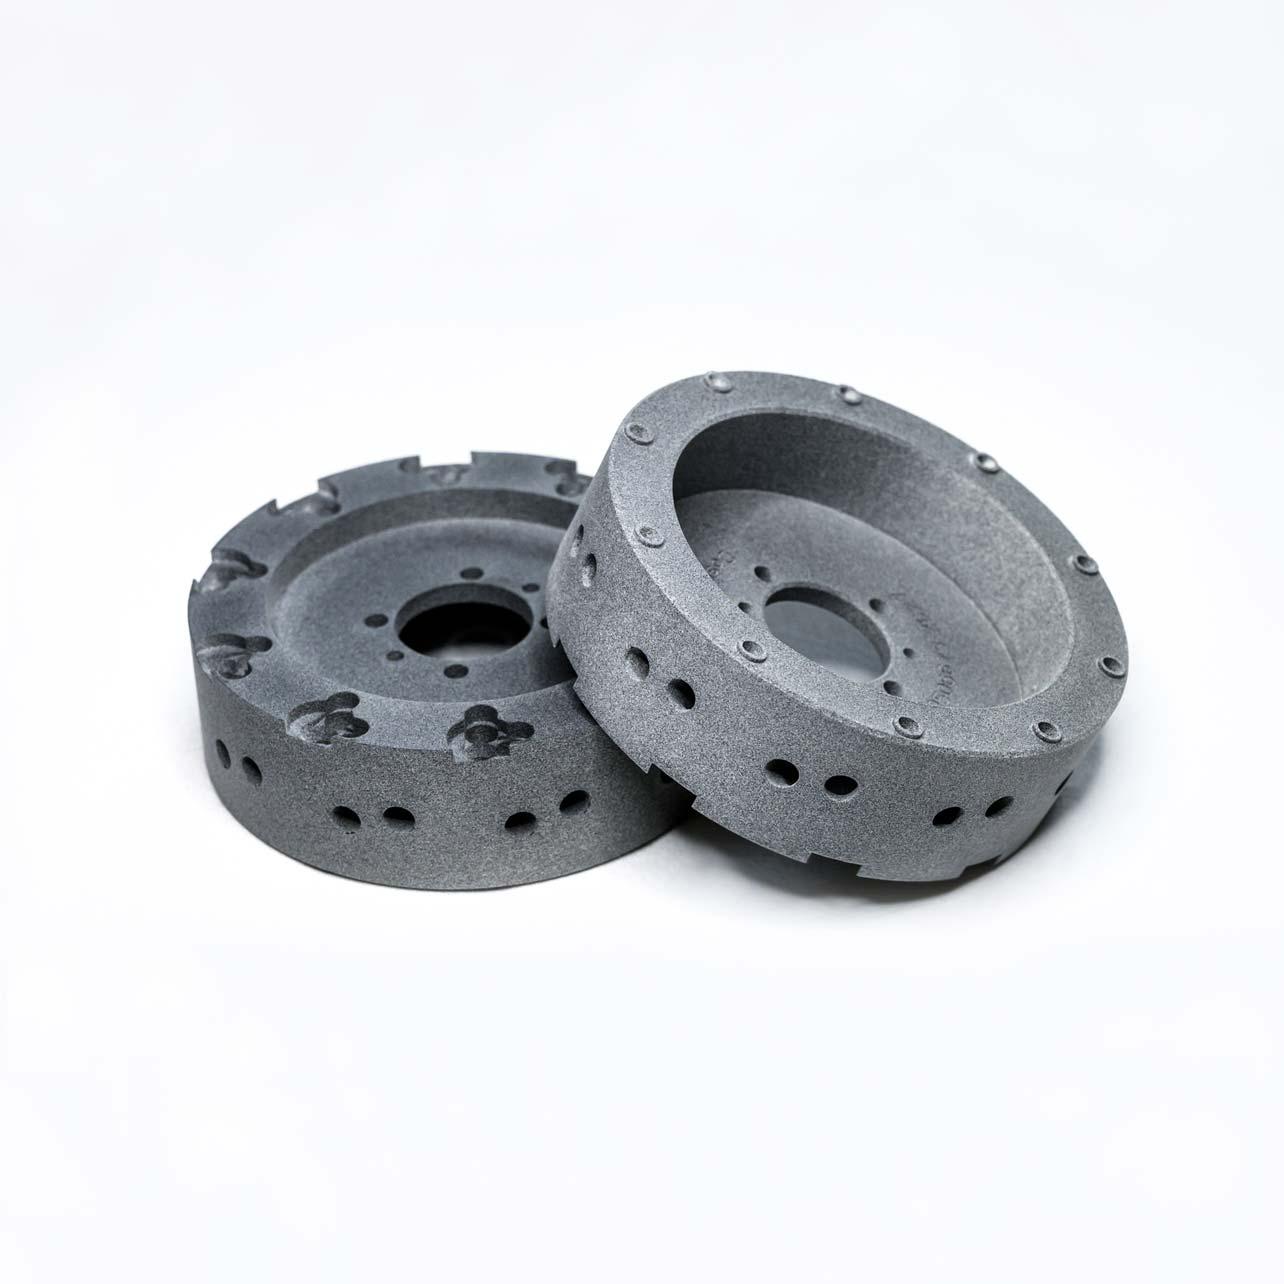 3D tlacene pripravky do vyroby